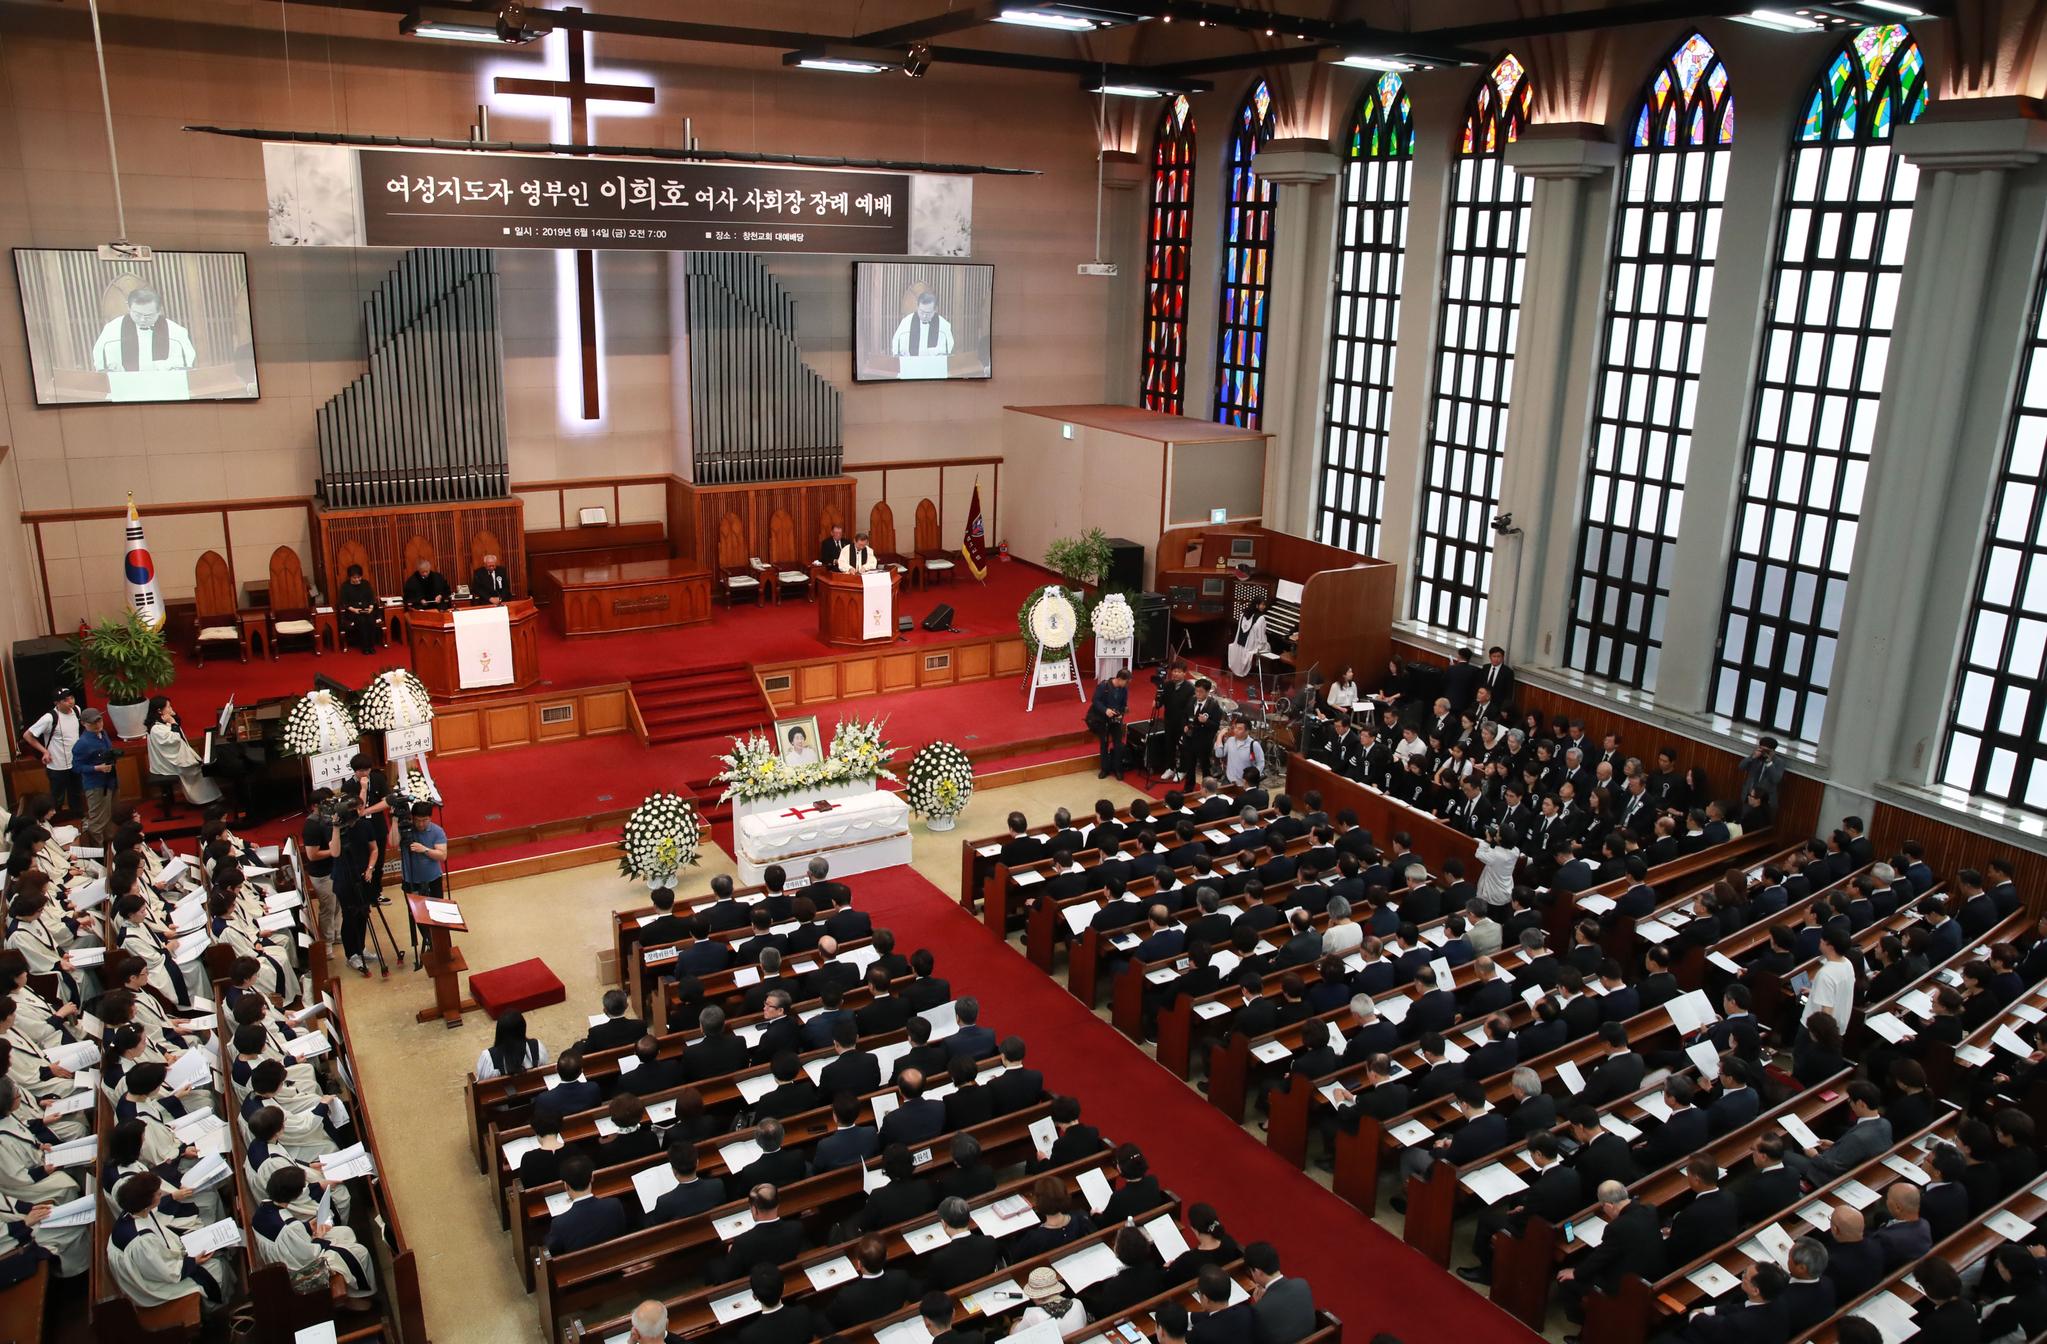 14일 오전 서울 서대문구 창천교회에서 故 김대중 전 대통령의 부인 이희호 여사의 장례 예배가 열리고 있다. 우상조 기자